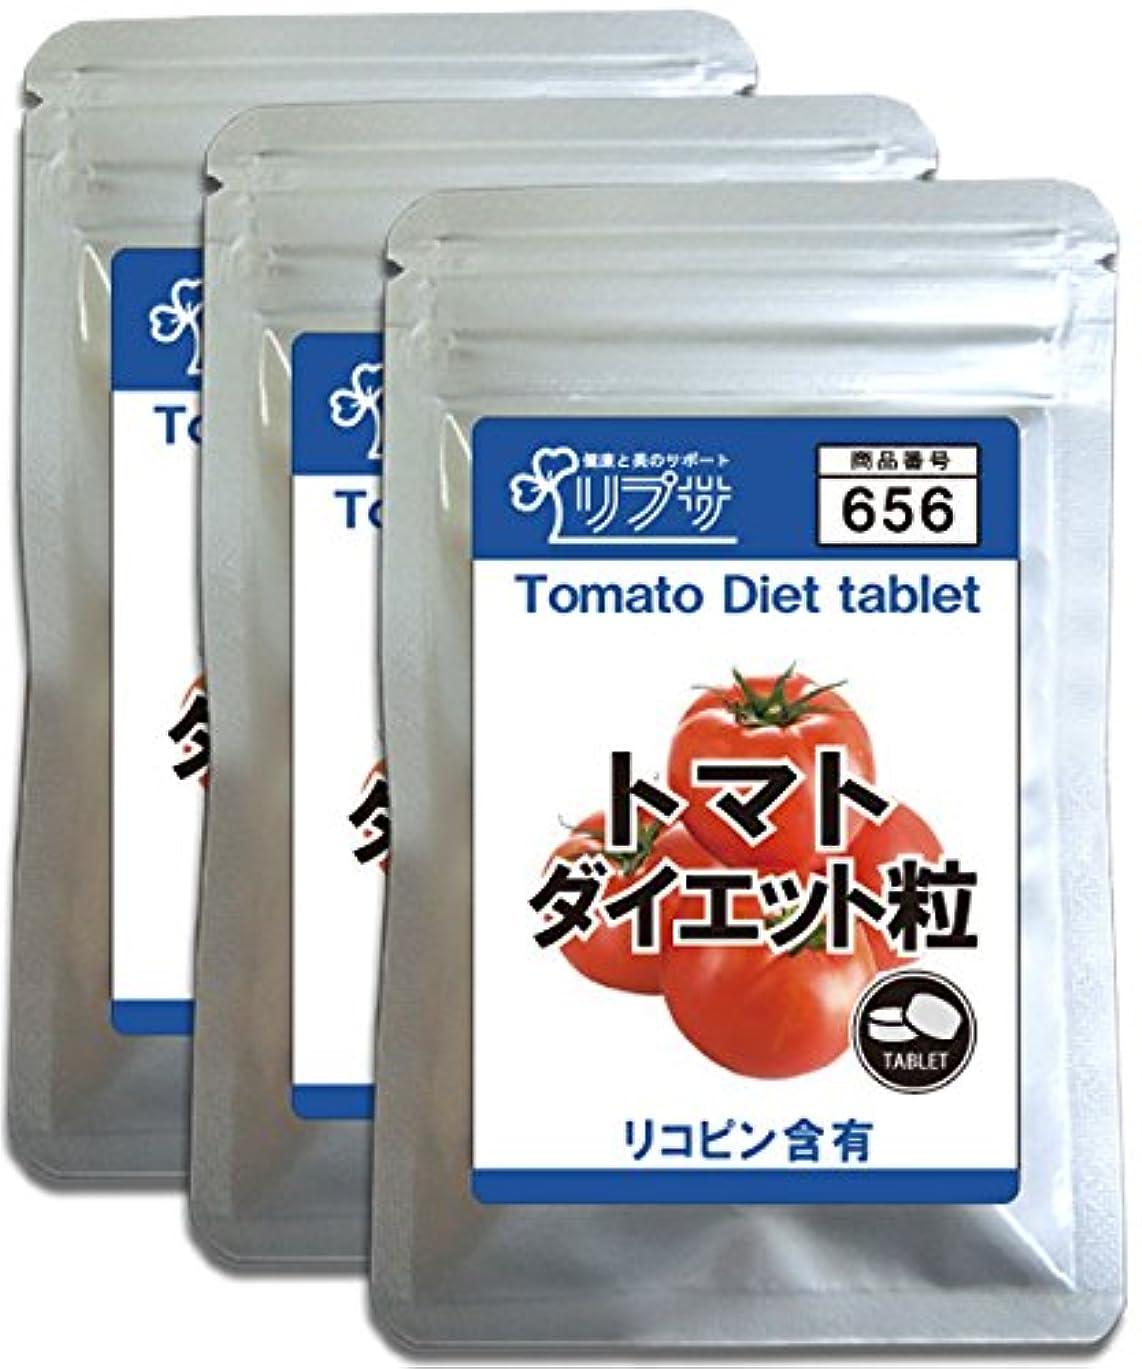 報いる自殺に話すトマトダイエット粒 約1か月分×3袋 T-656-3